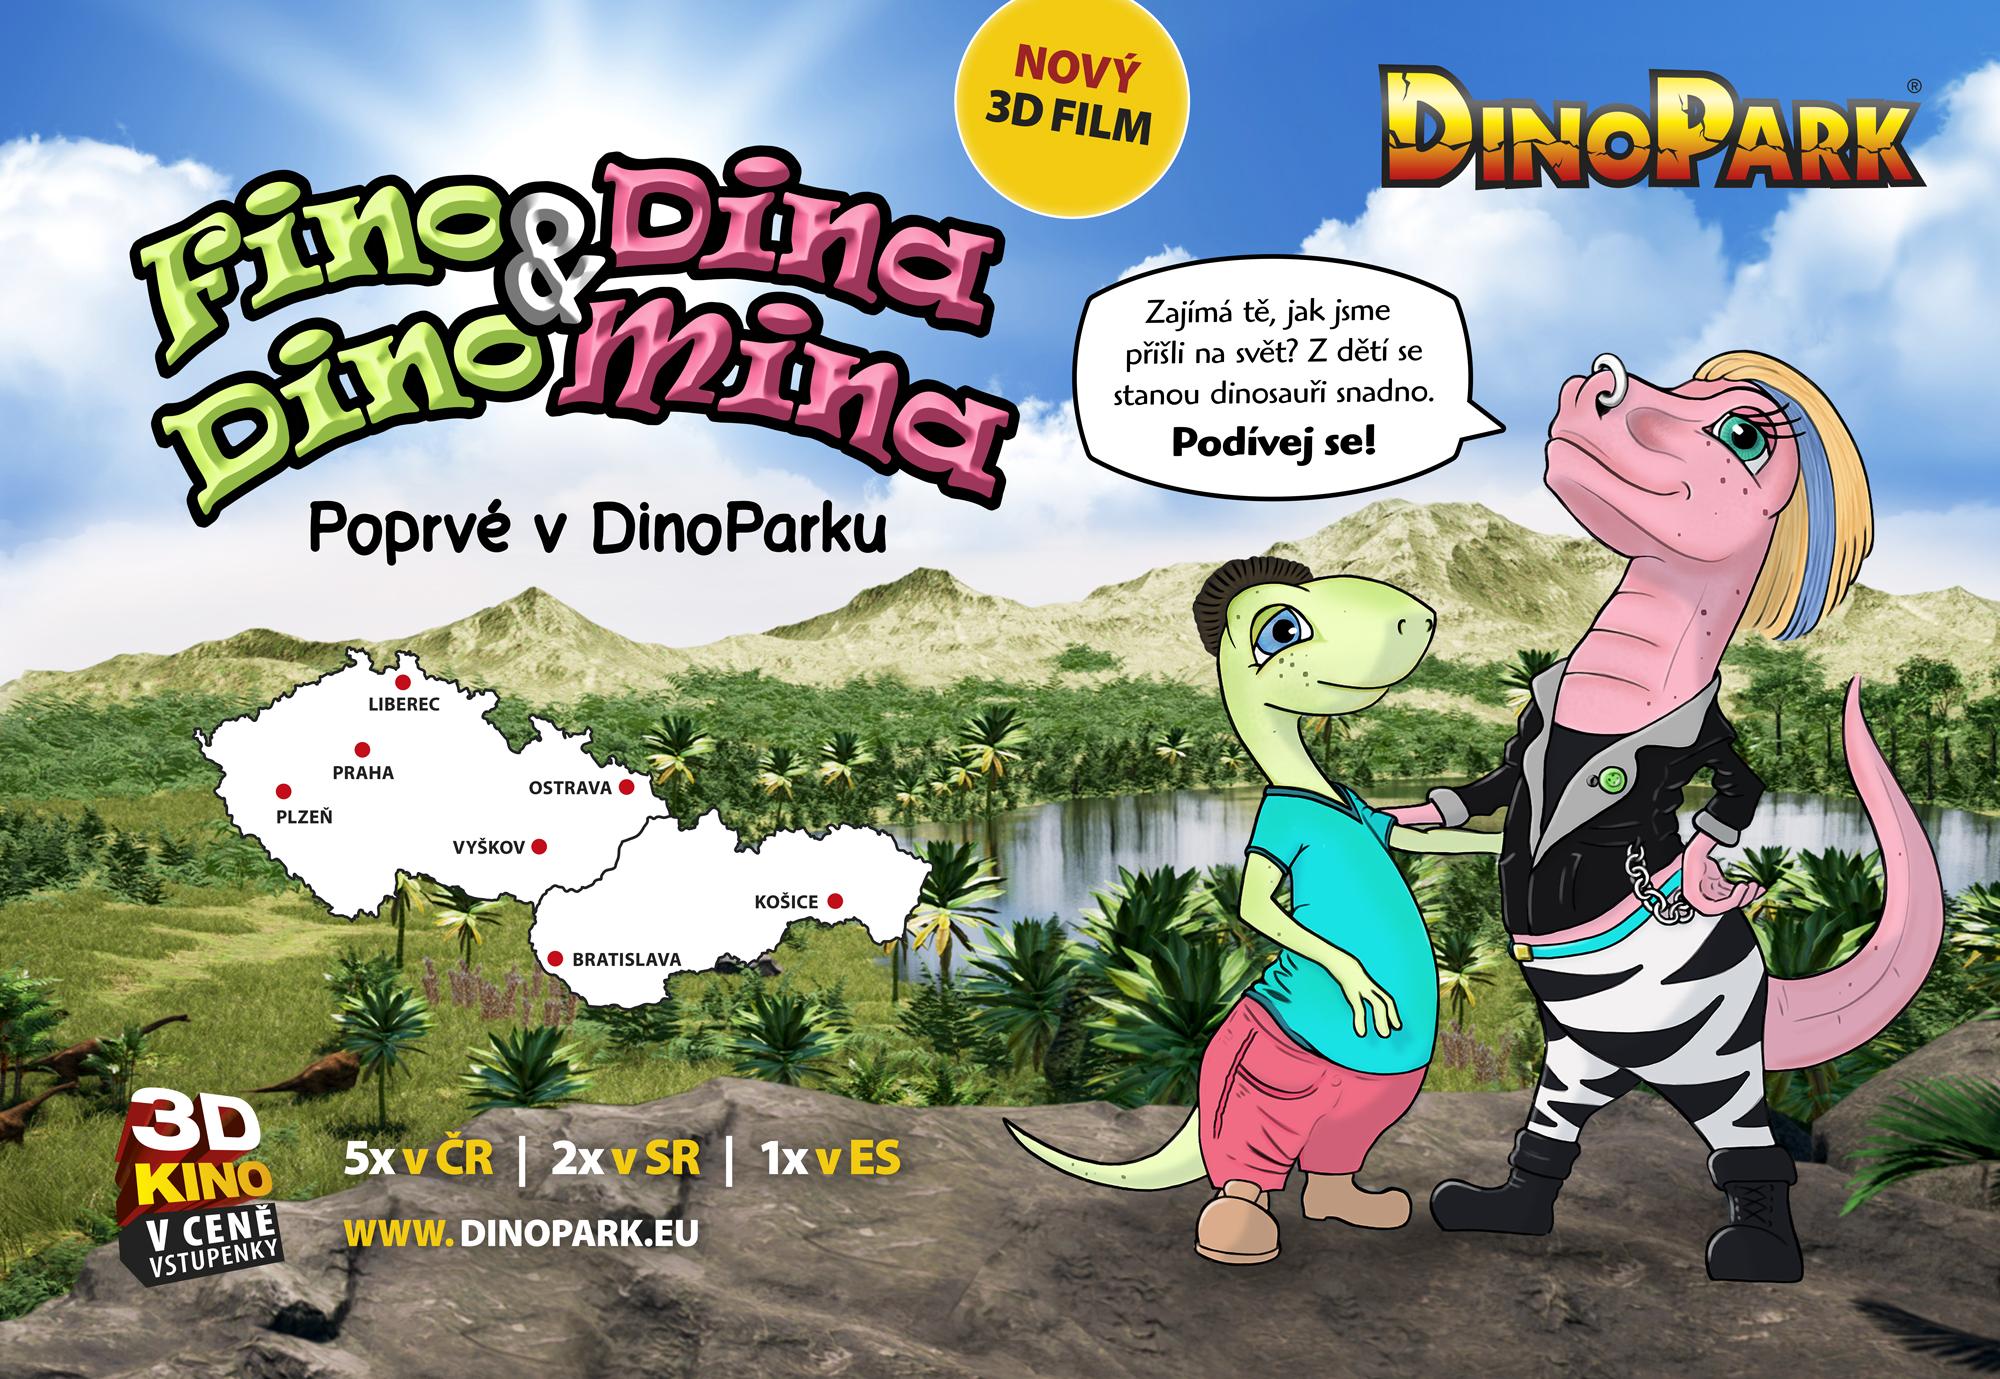 nový film v dinoparku